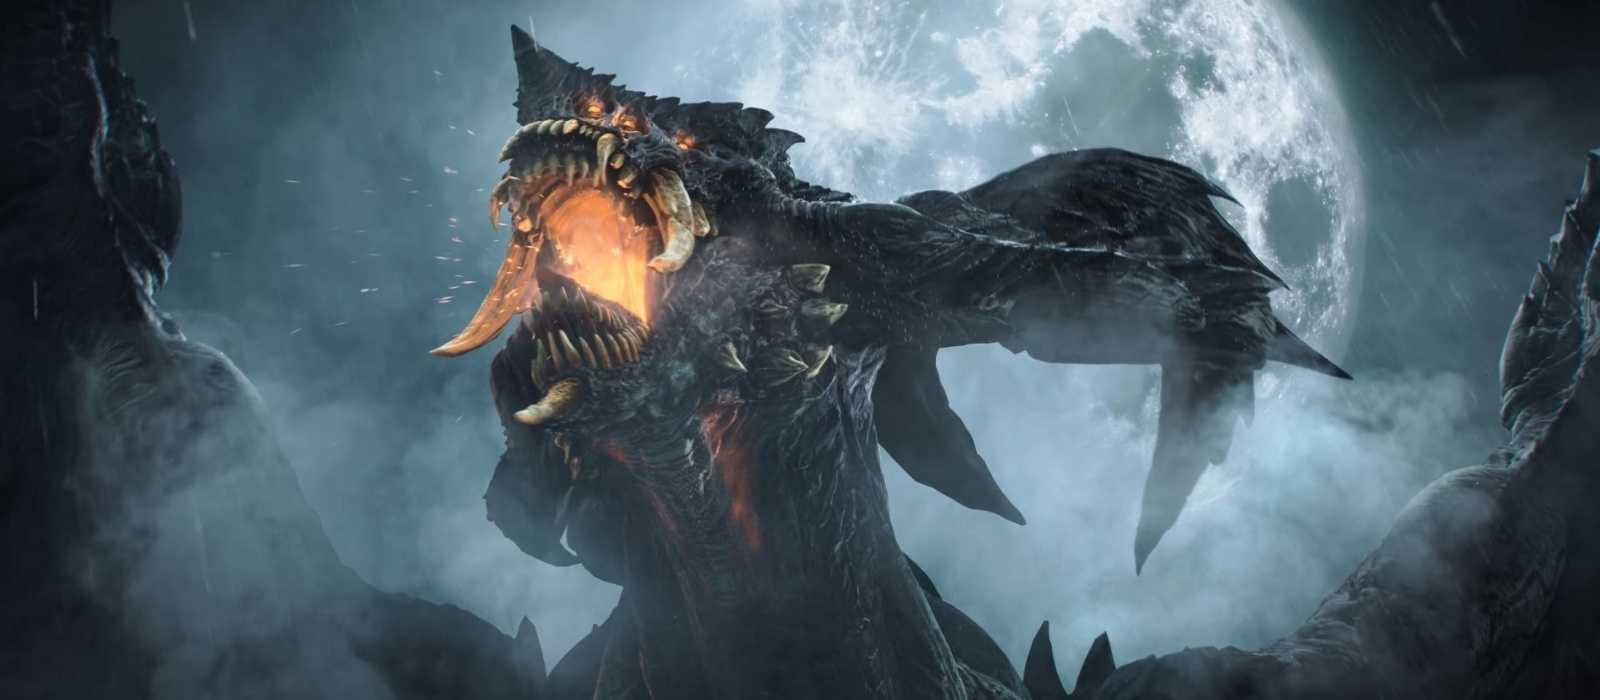 Japanische Journalisten demonstrierten die erste Stunde des Demon's Souls-Gameplays (Video)